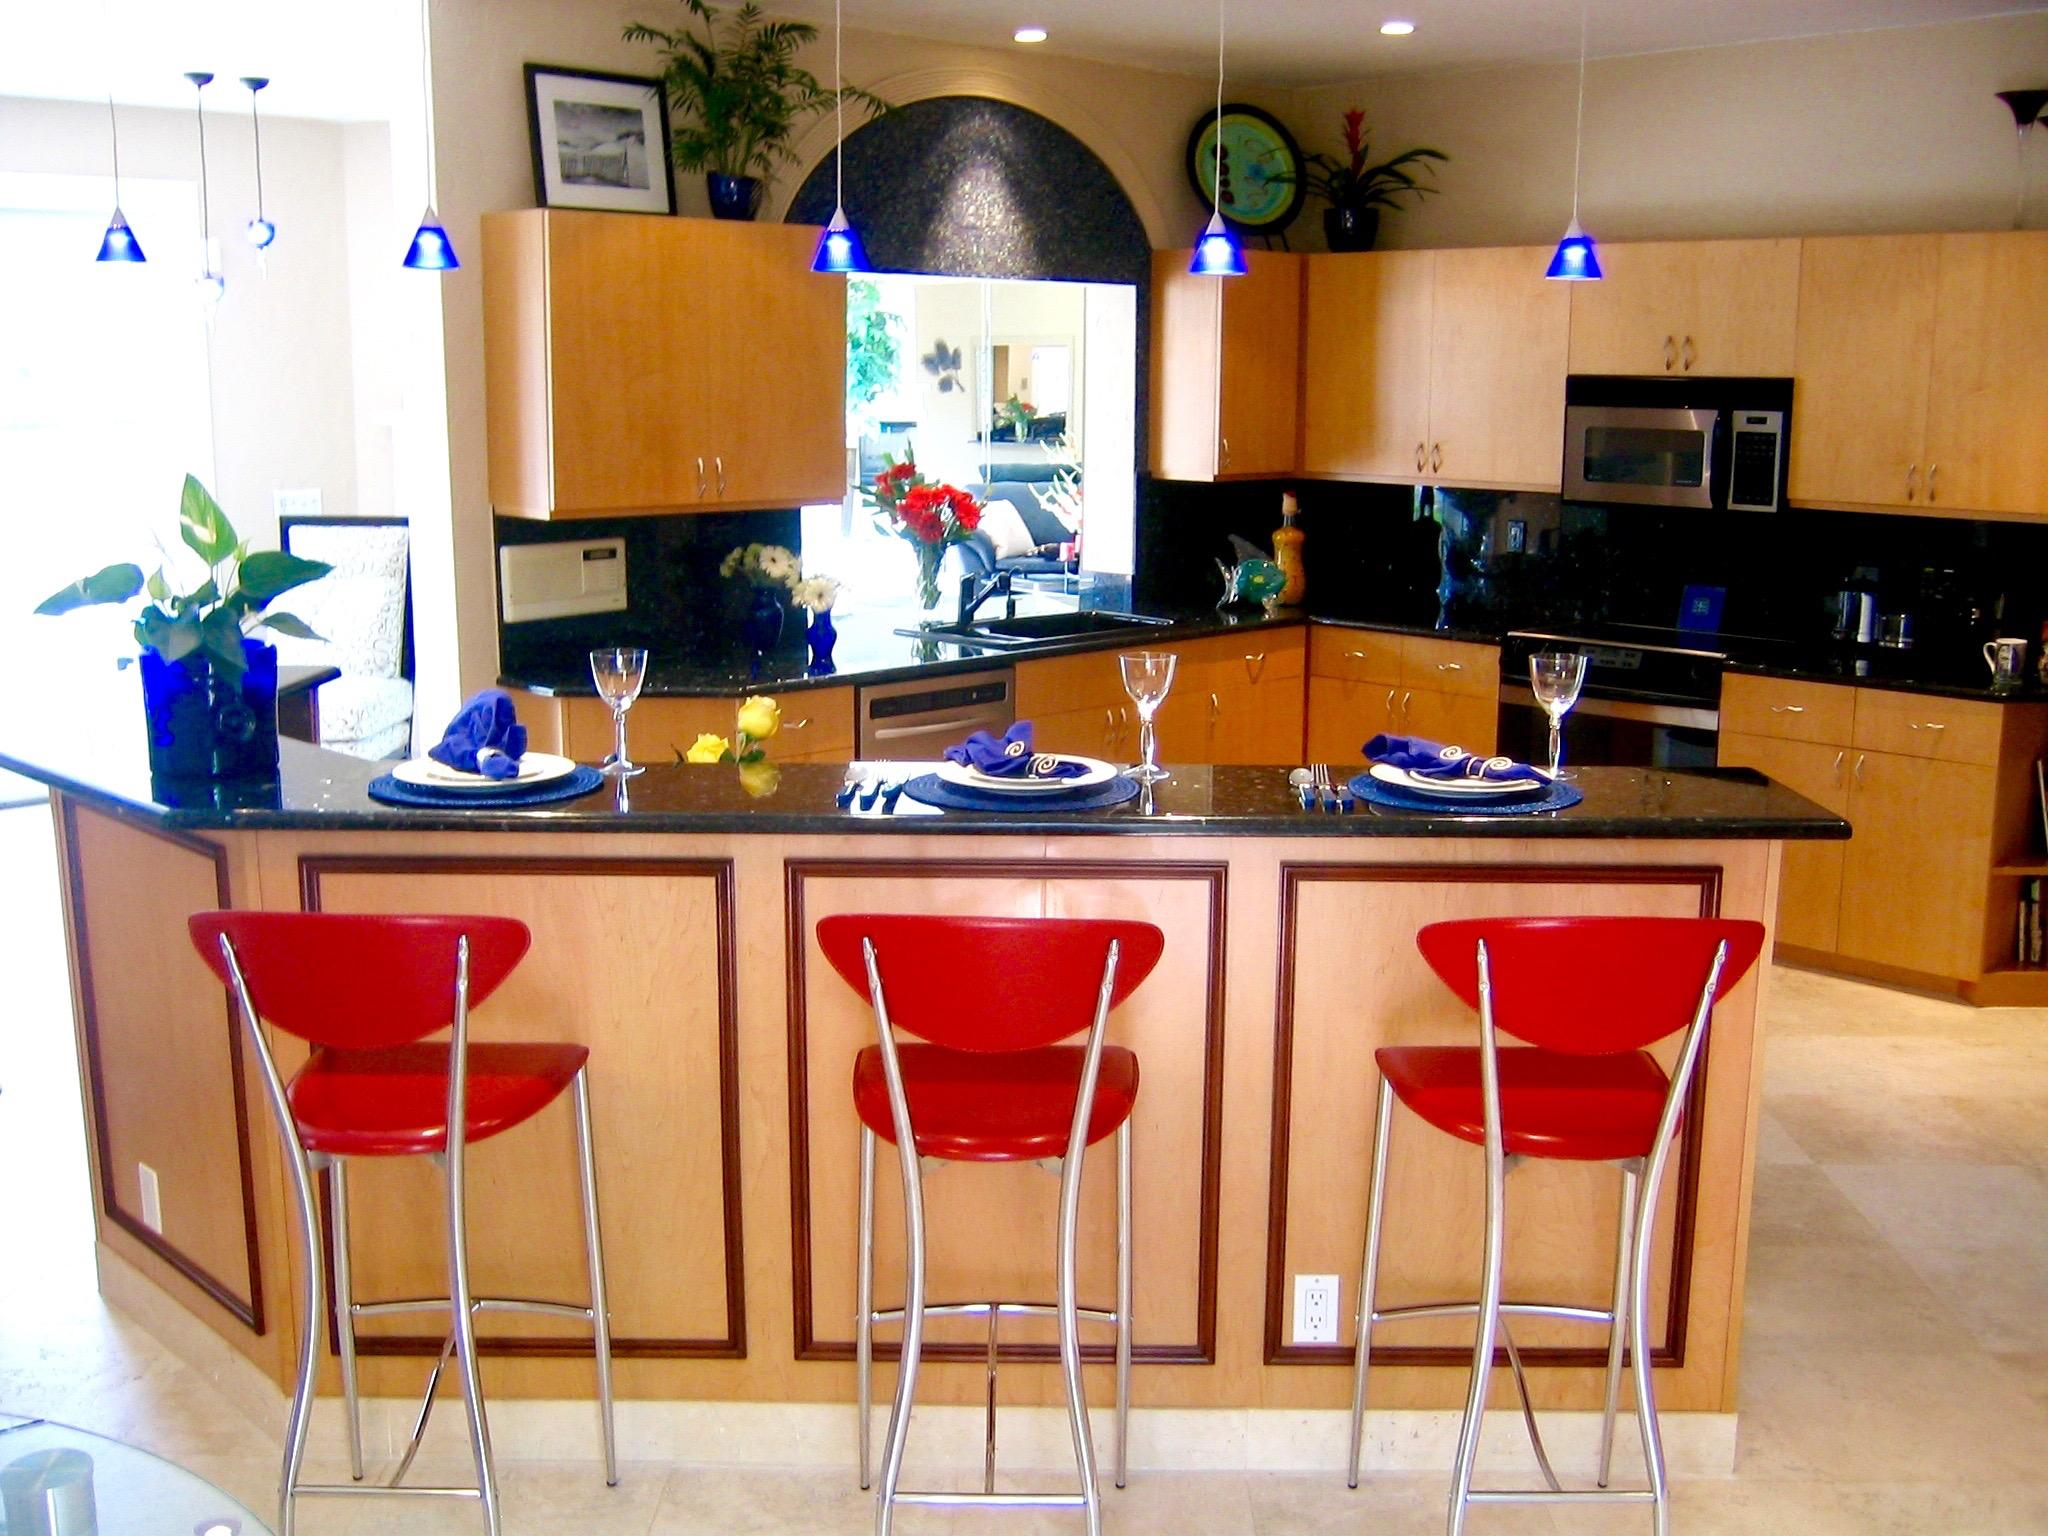 Bar Area And Kitchen Zina Samek Interiors Inc